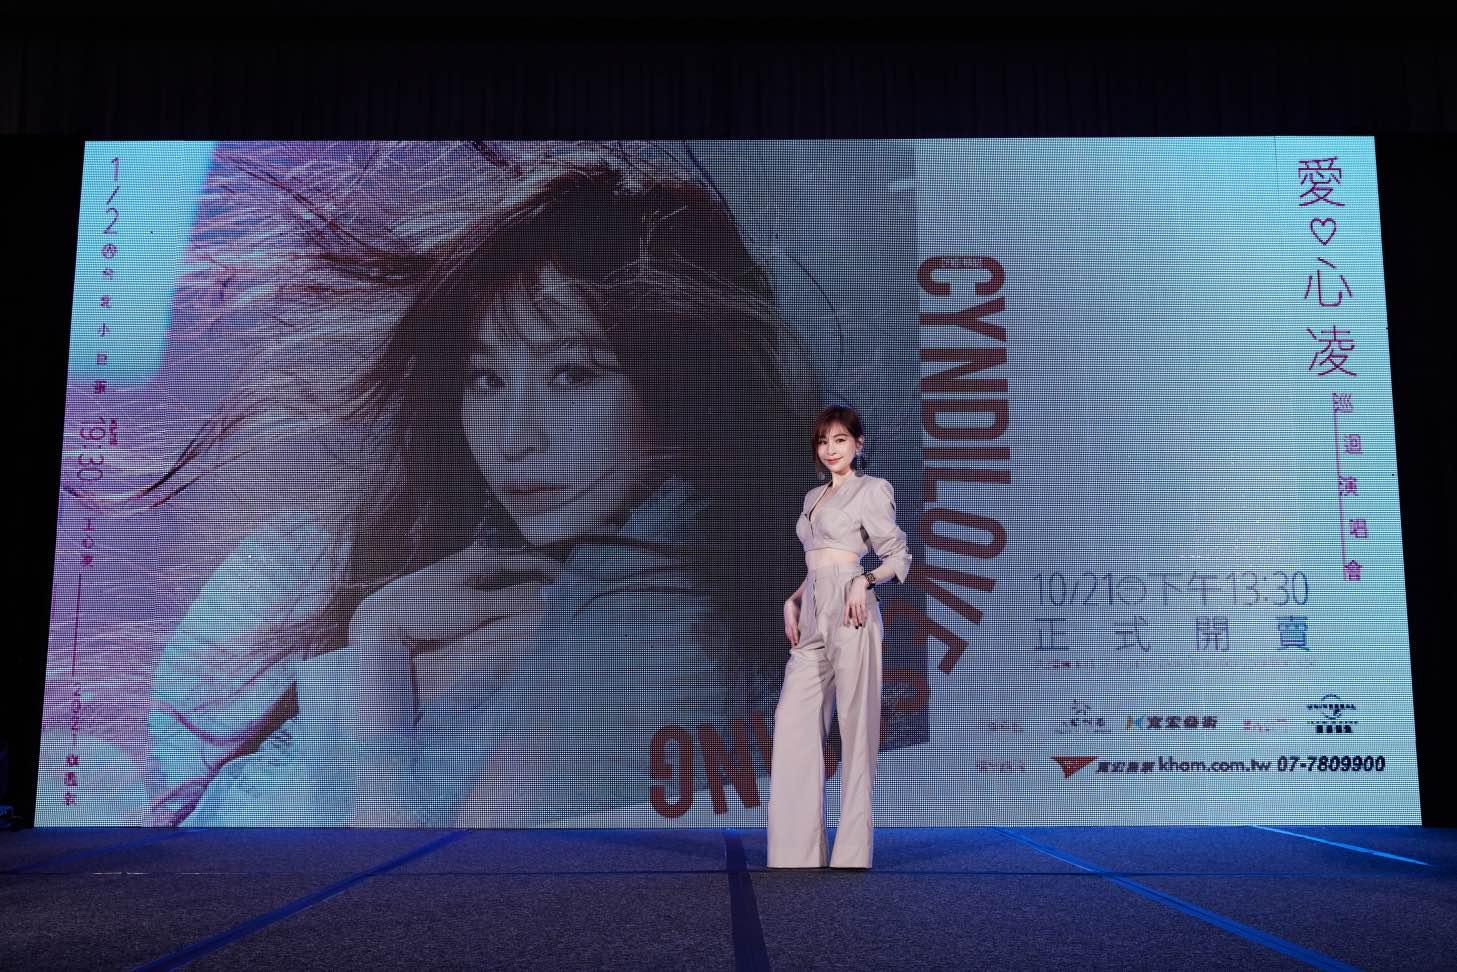 王心凌2021年小巨蛋开春第一唱  CYNDILOVES2SING爱‧心凌巡回演唱会旗舰版启动